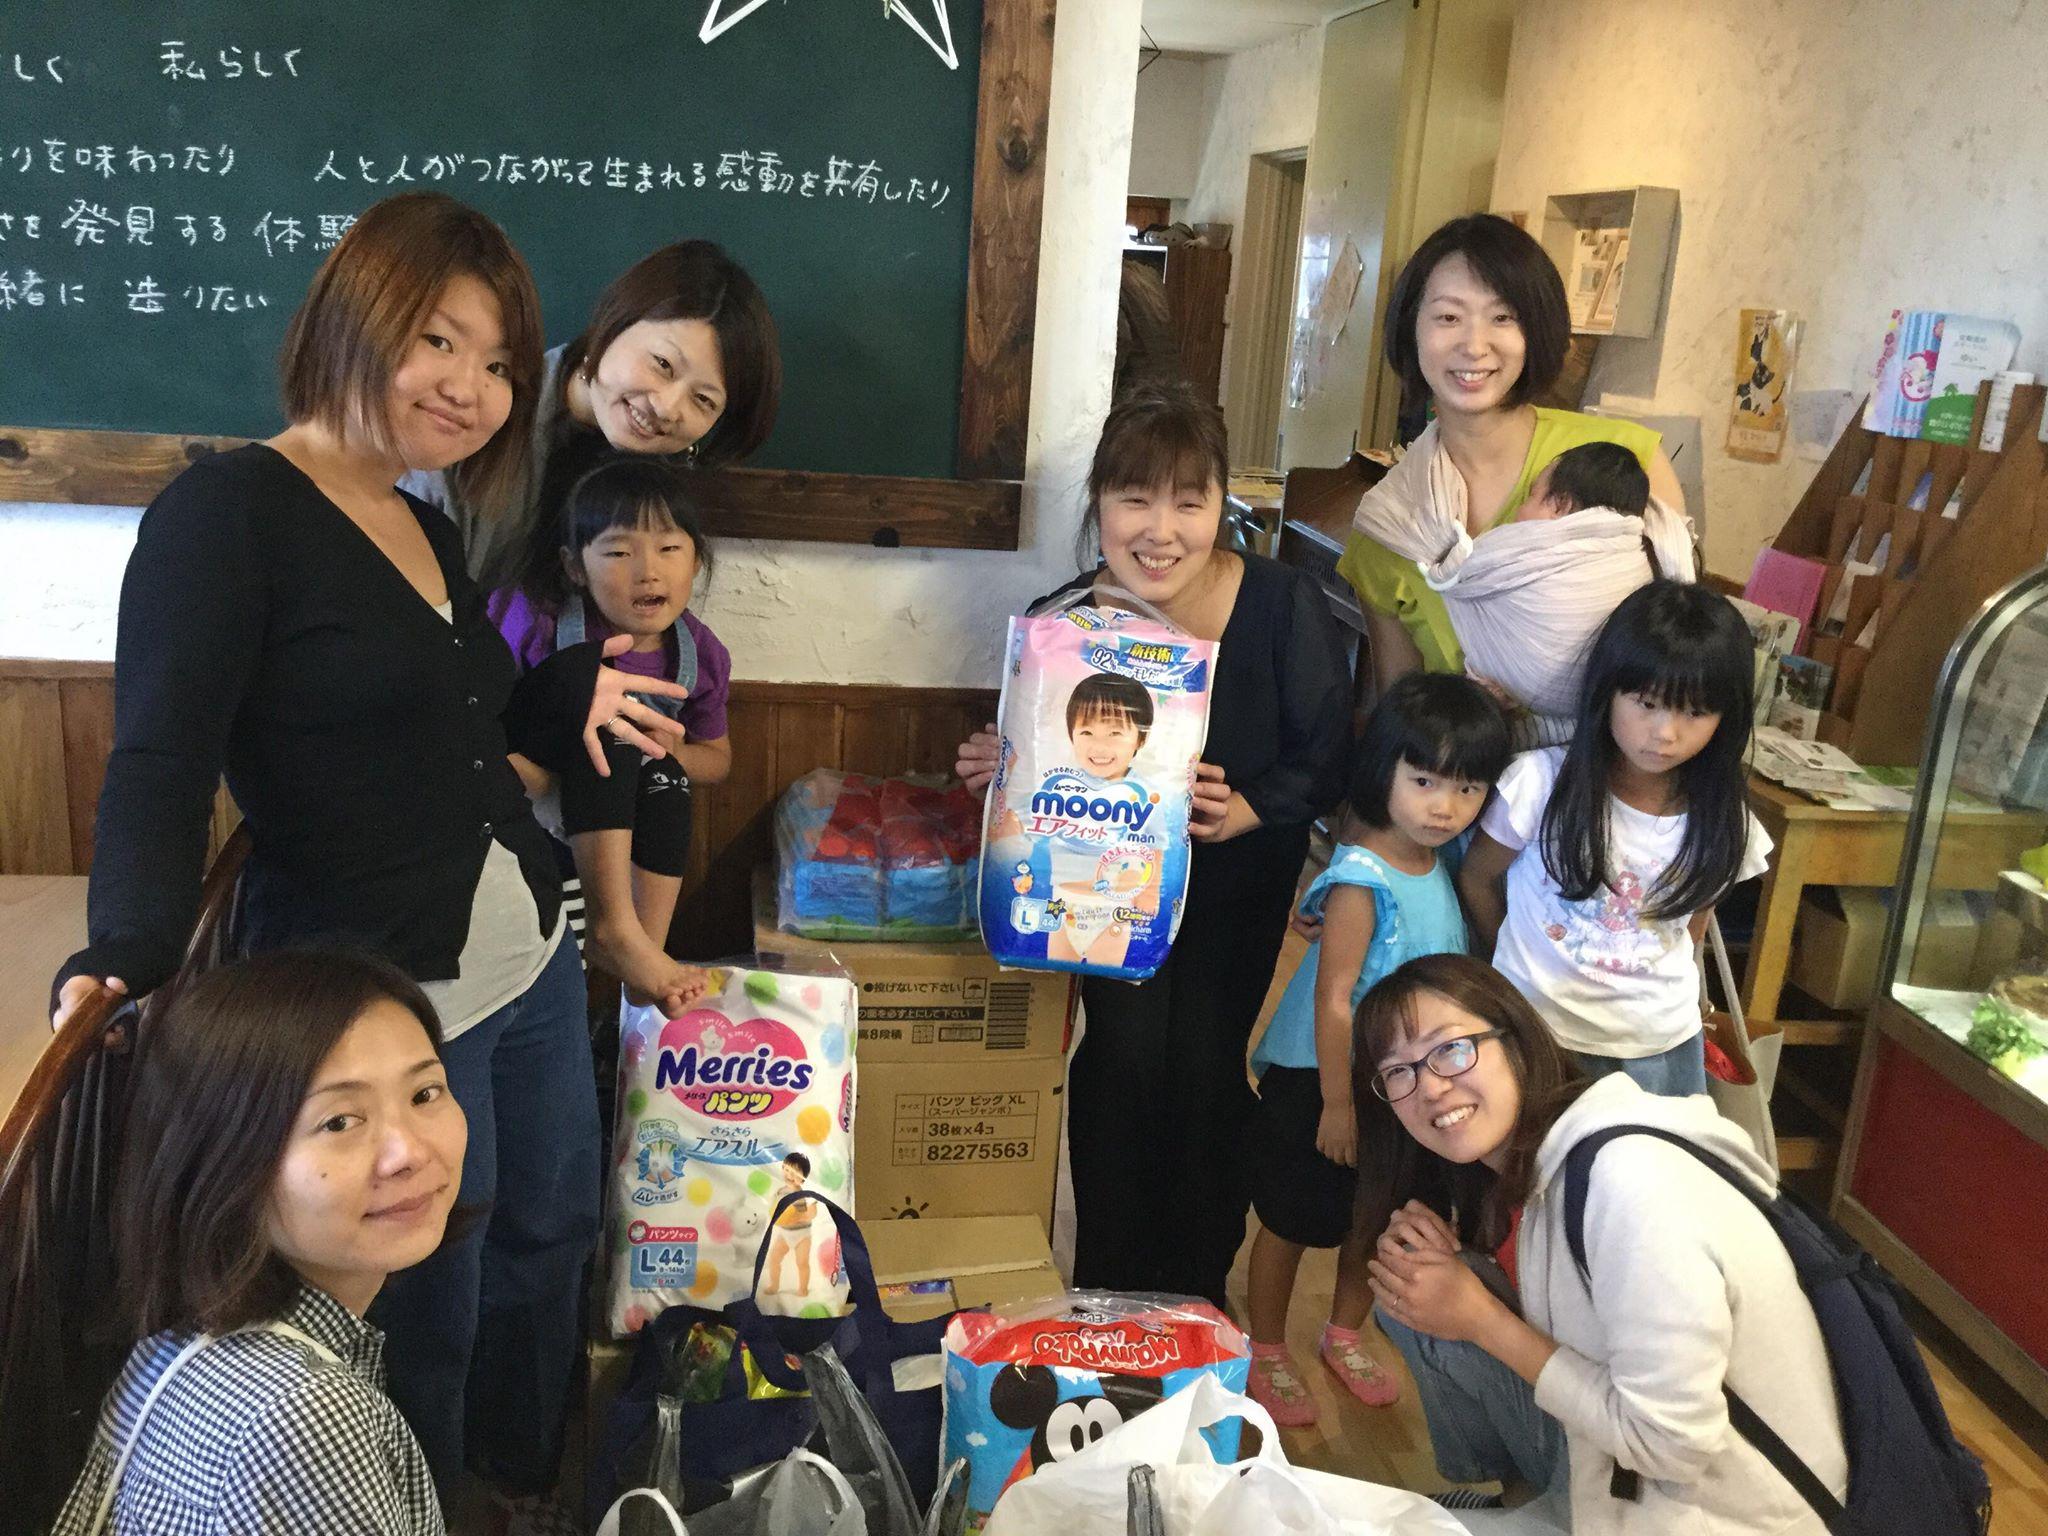 必要なところに、必要な支援をするには  〜北海道胆振東部地震から1週間 厚真町へ〜